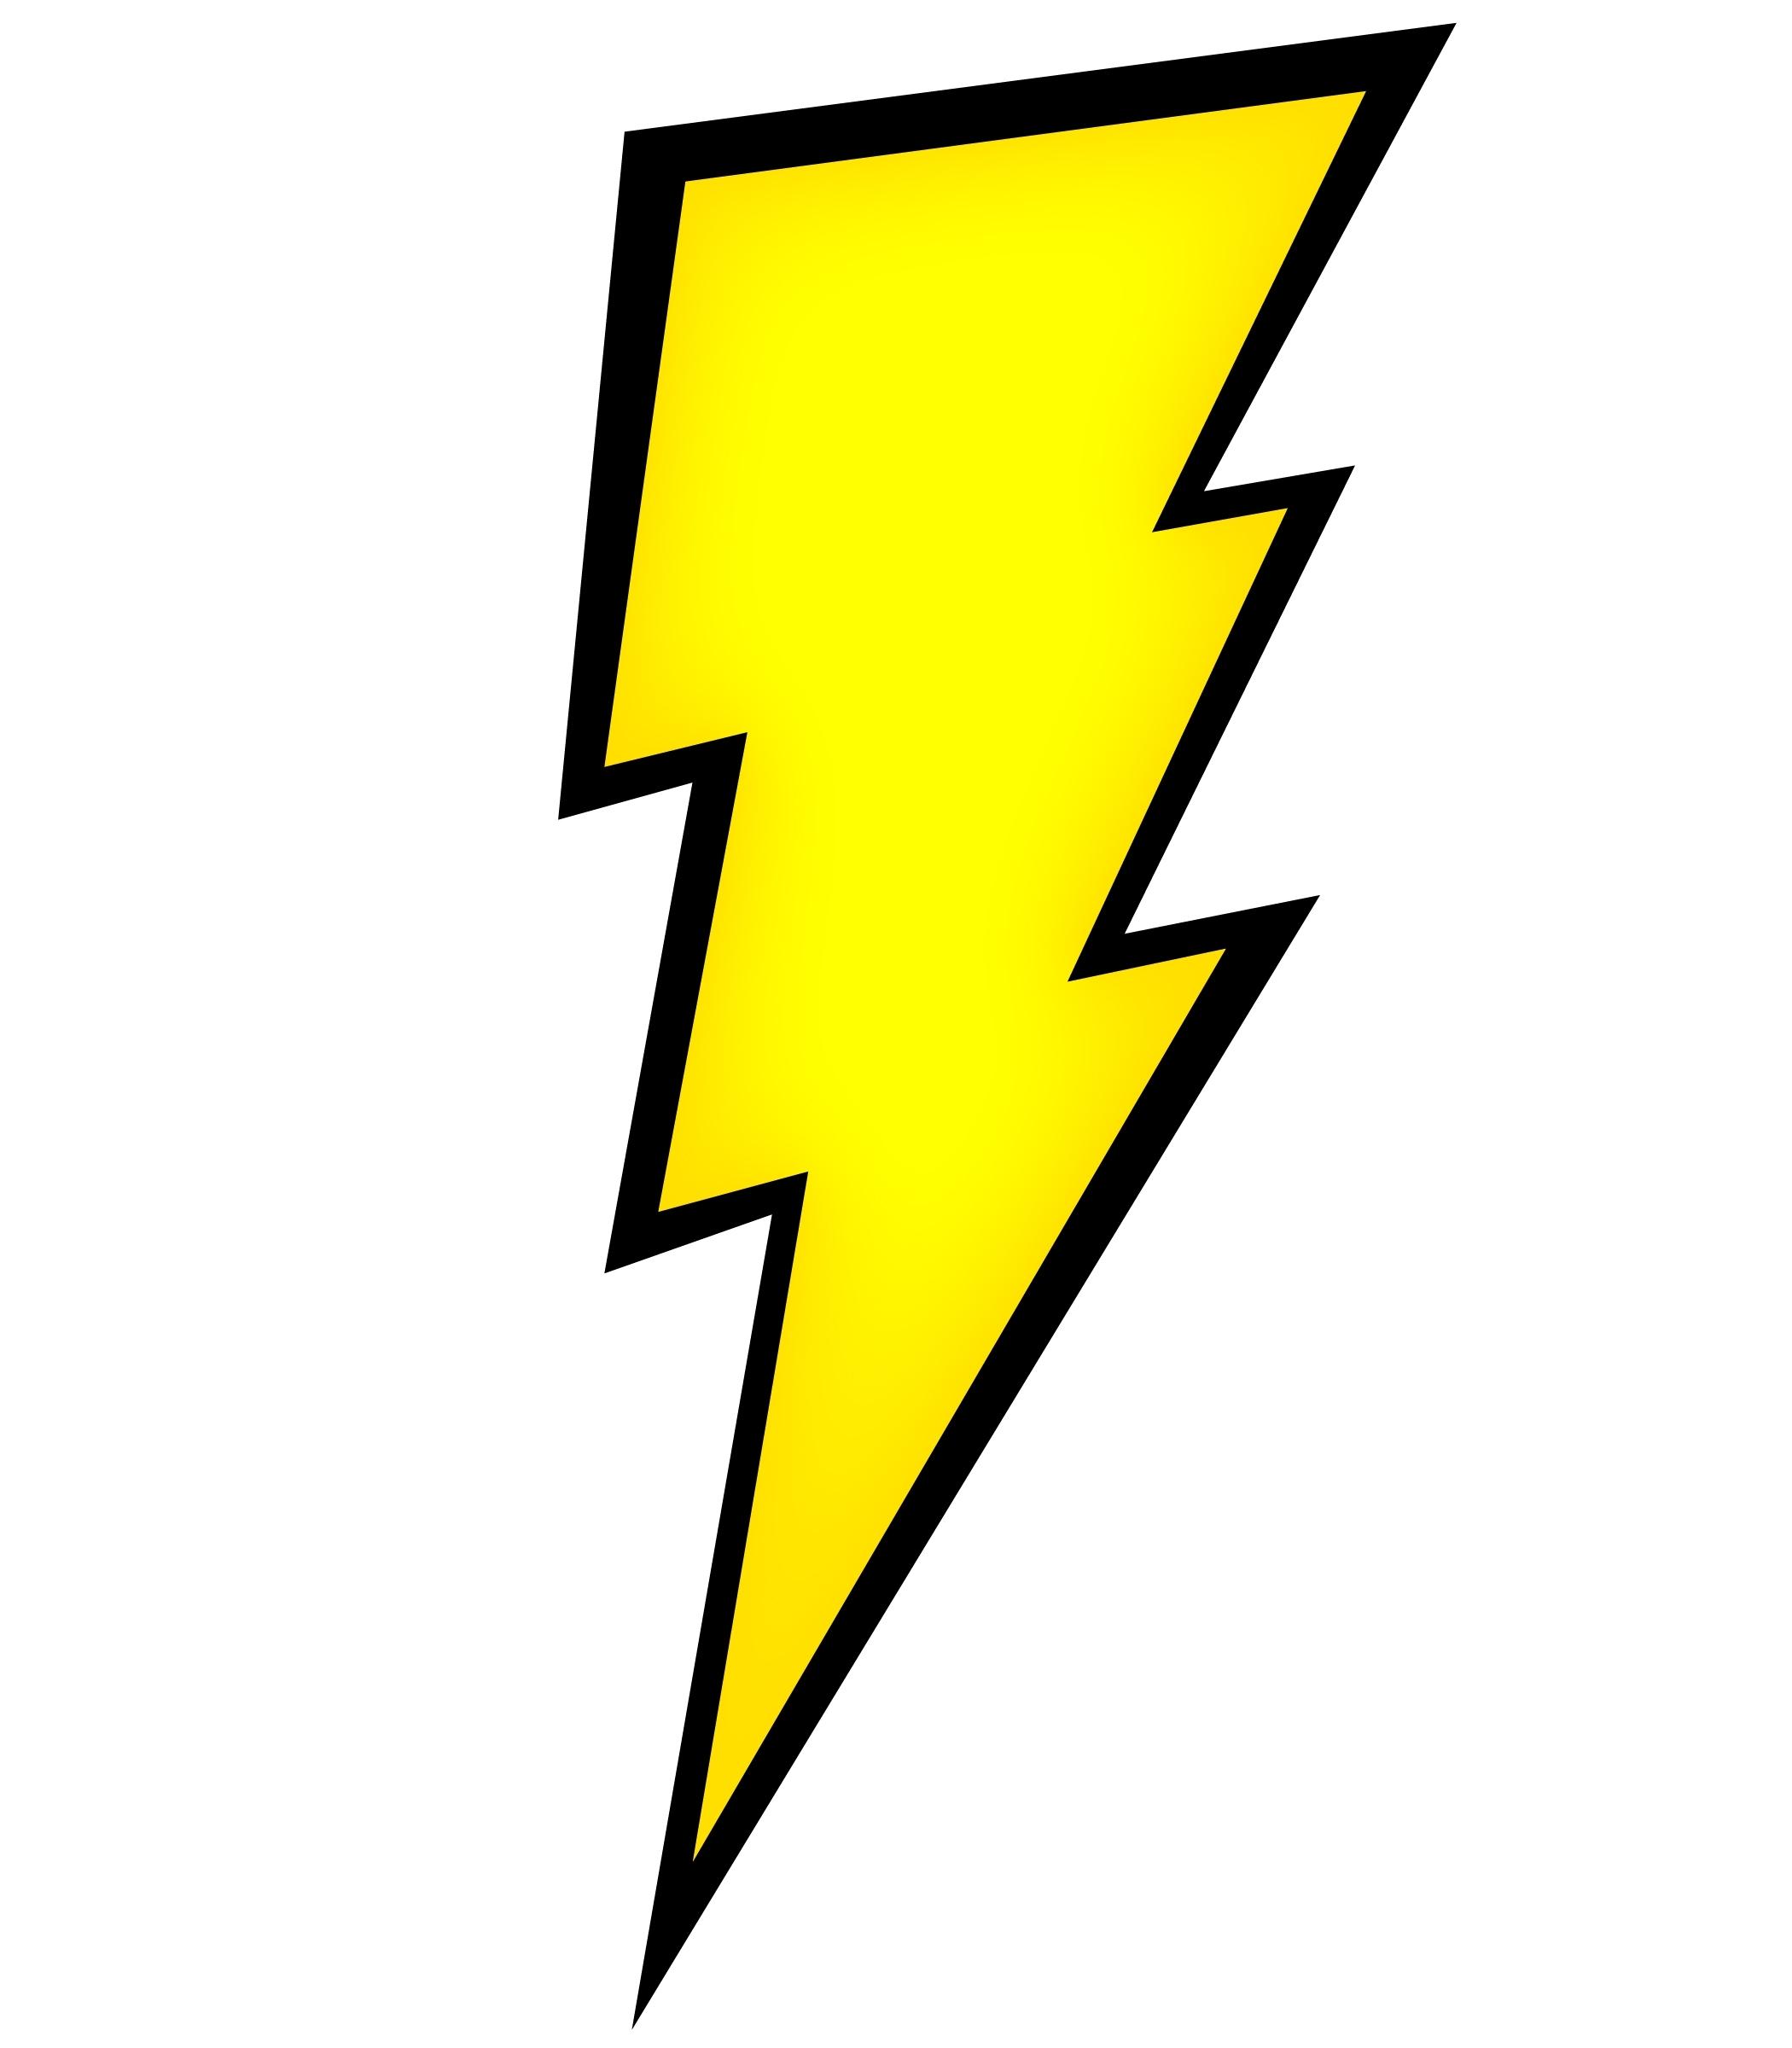 lightning bolt clipart - Lightning Clipart